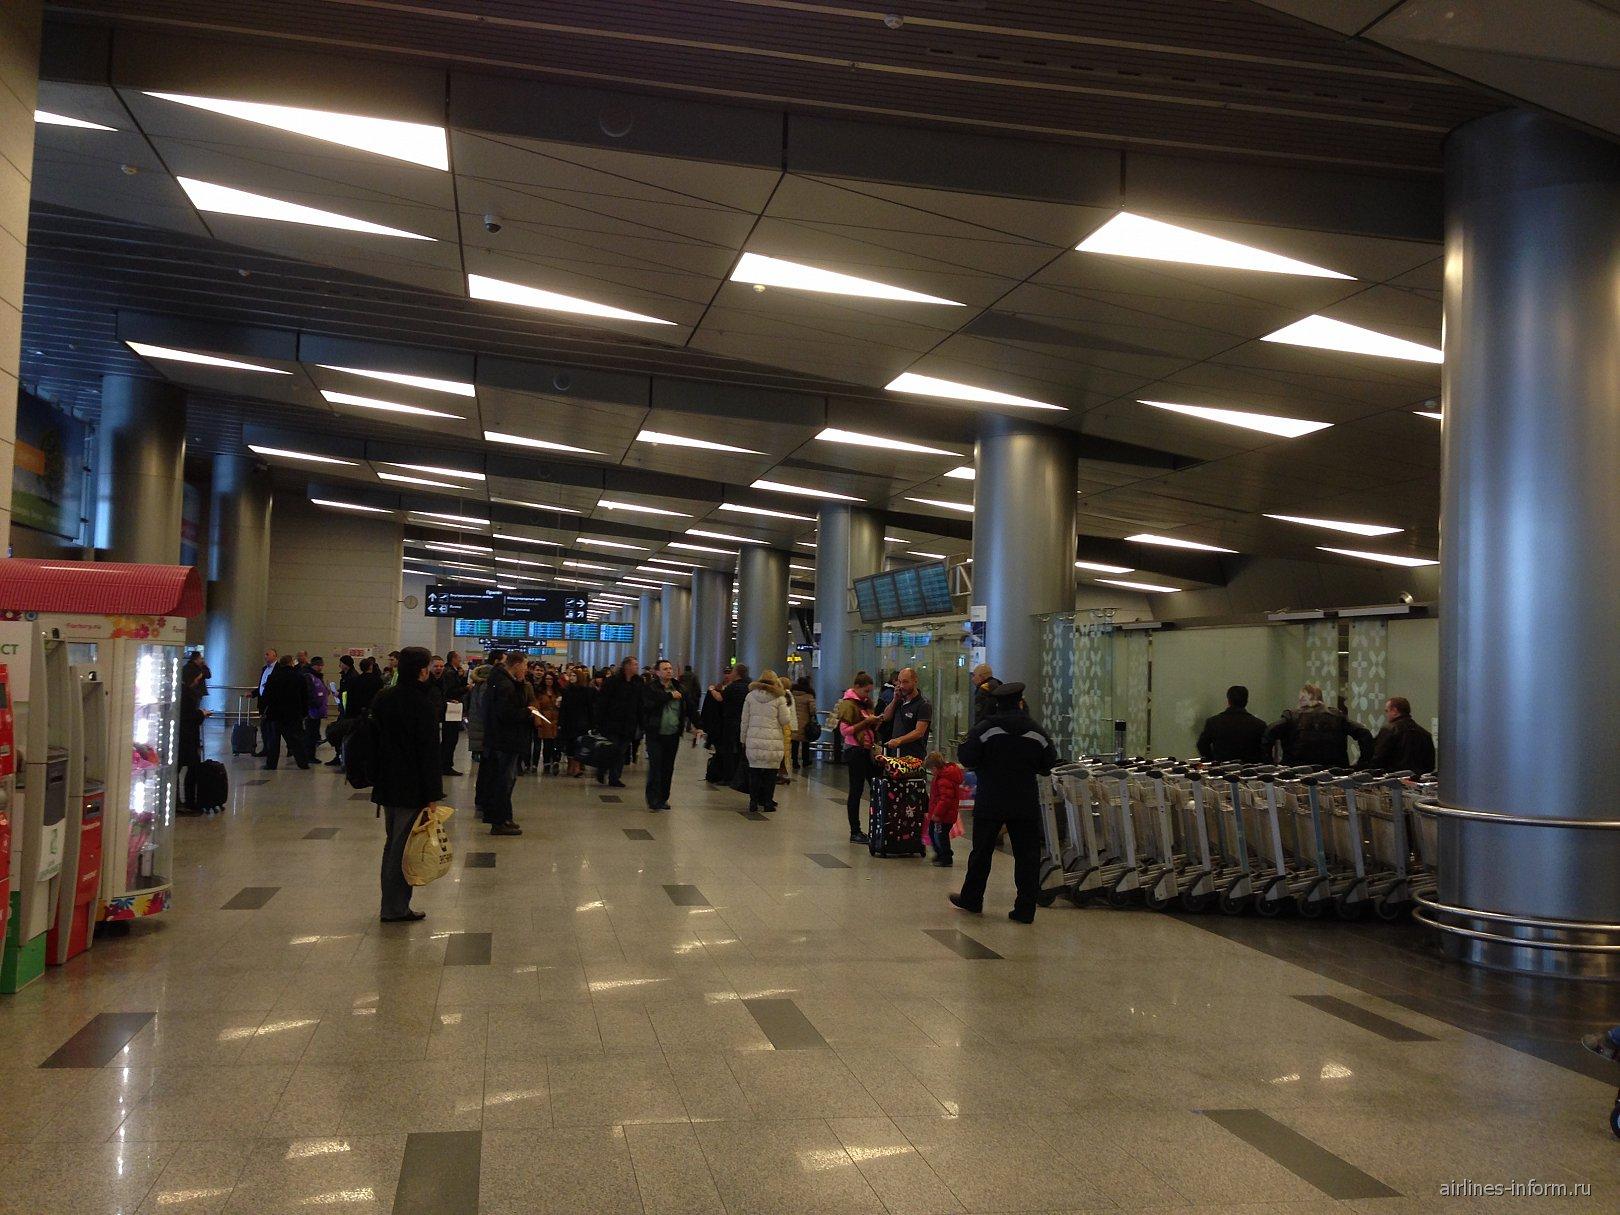 Зал прилета в Терминале А аэропорта Внуково